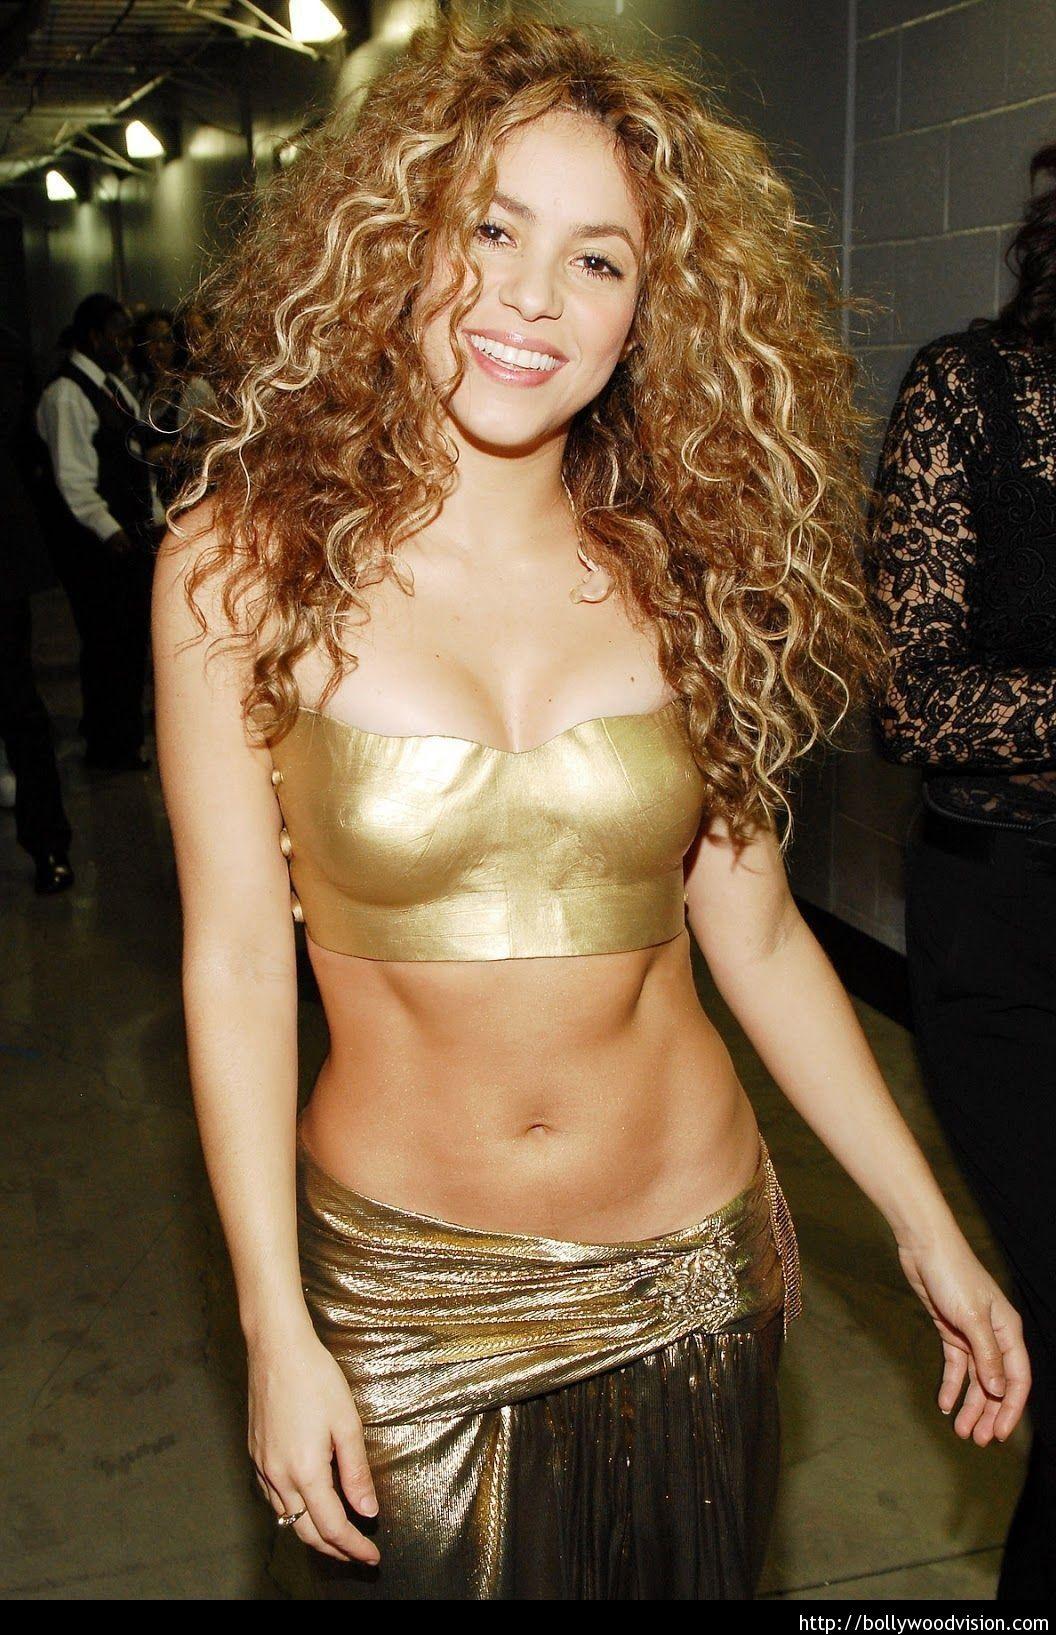 Shakira-height-and-weight-2013-e1364707109925